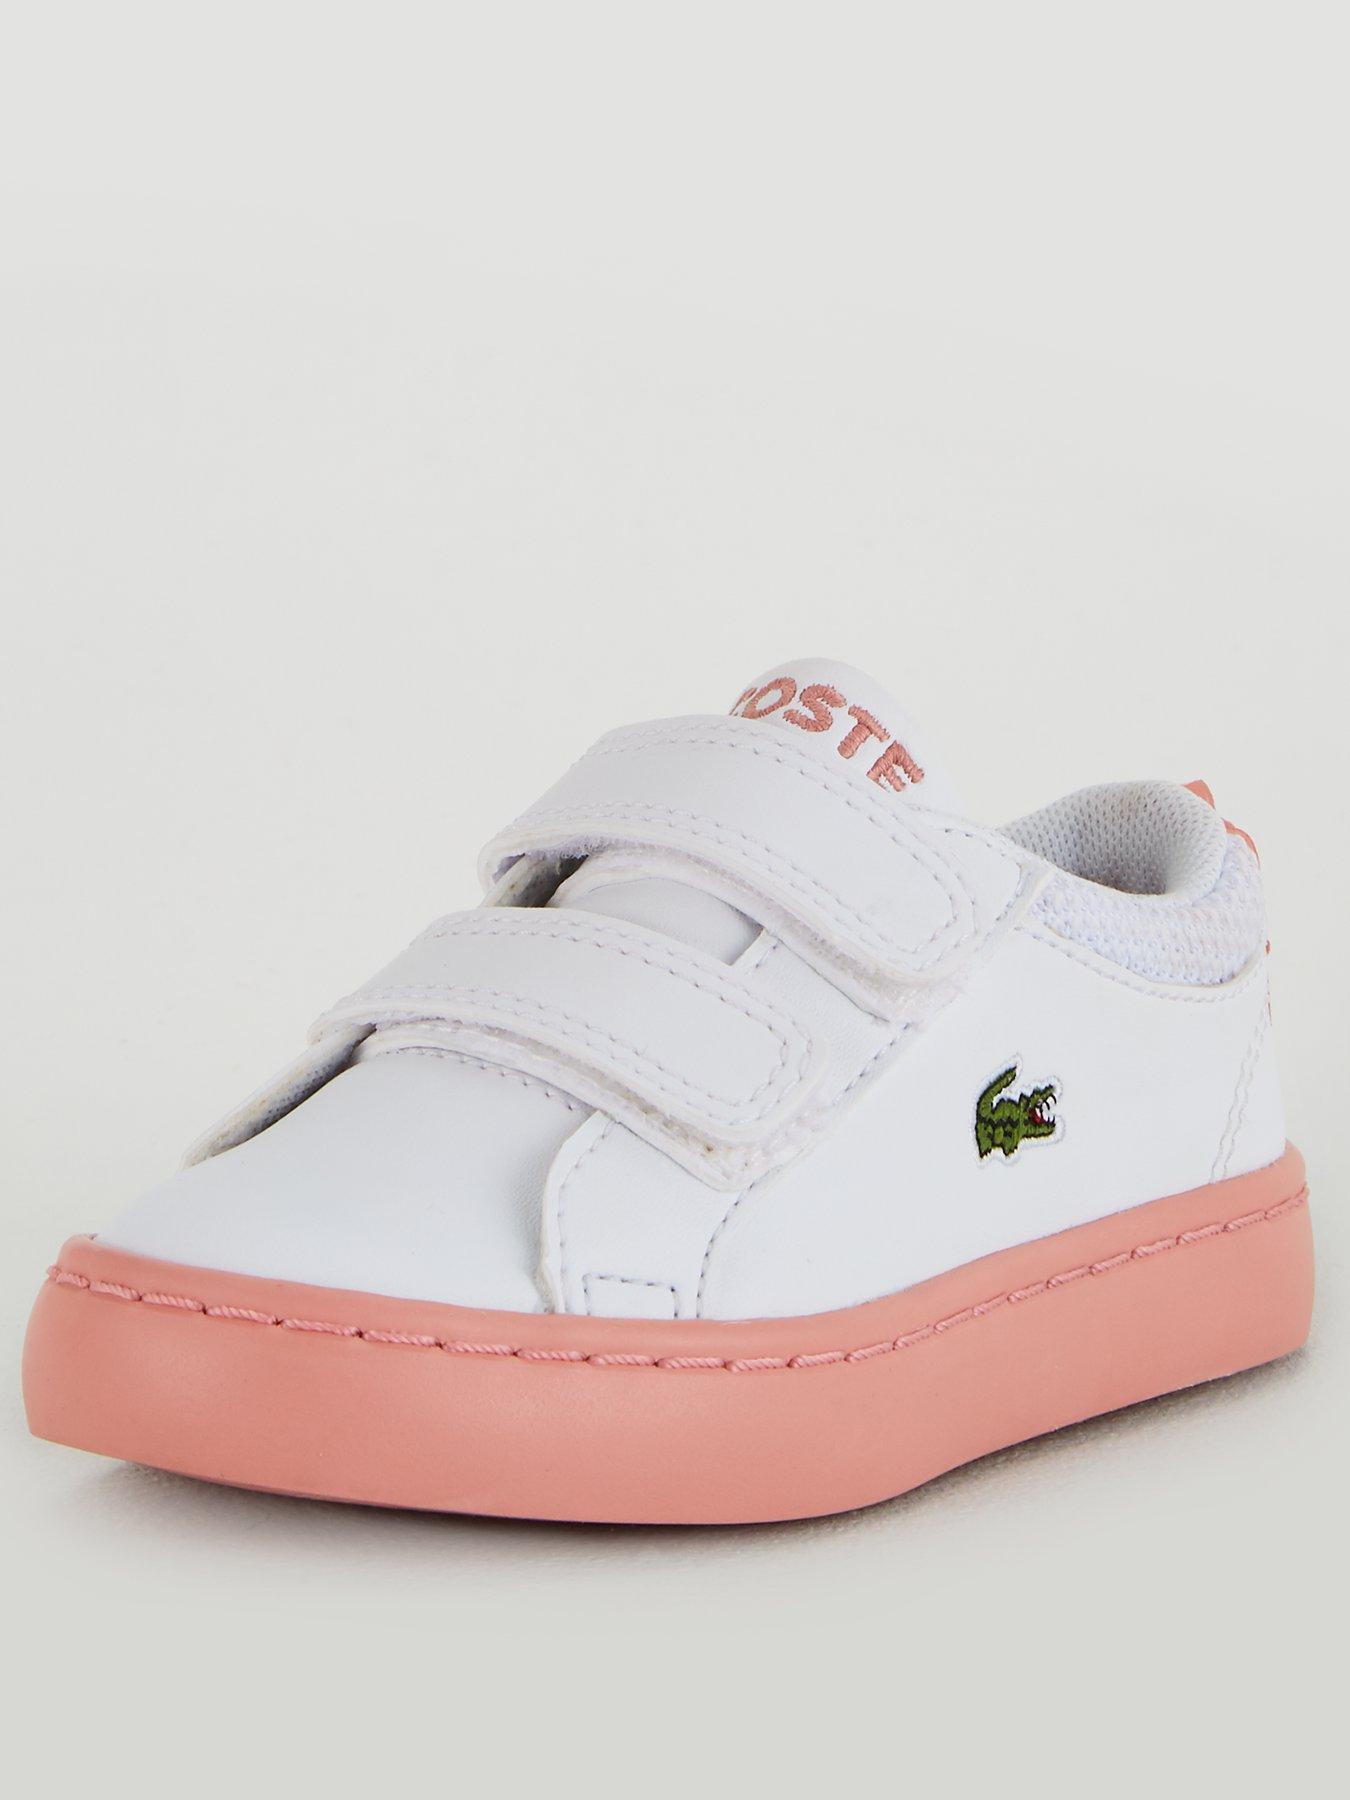 Lacoste Infant Girls Straightset 419